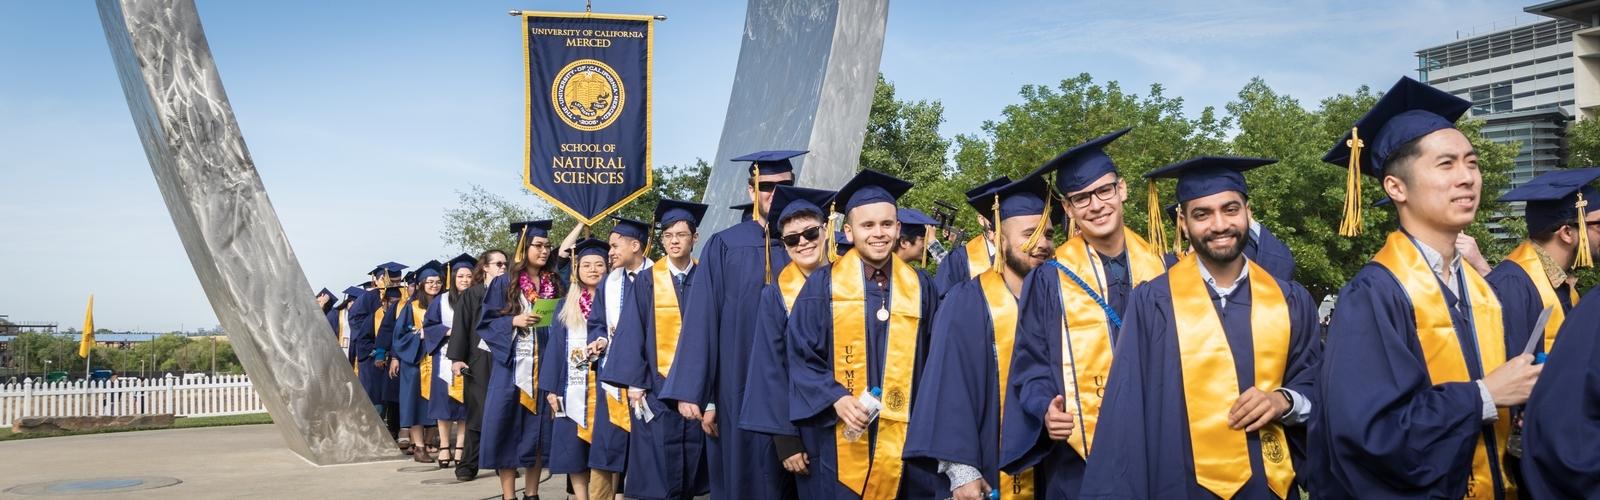 UC Merced graduates